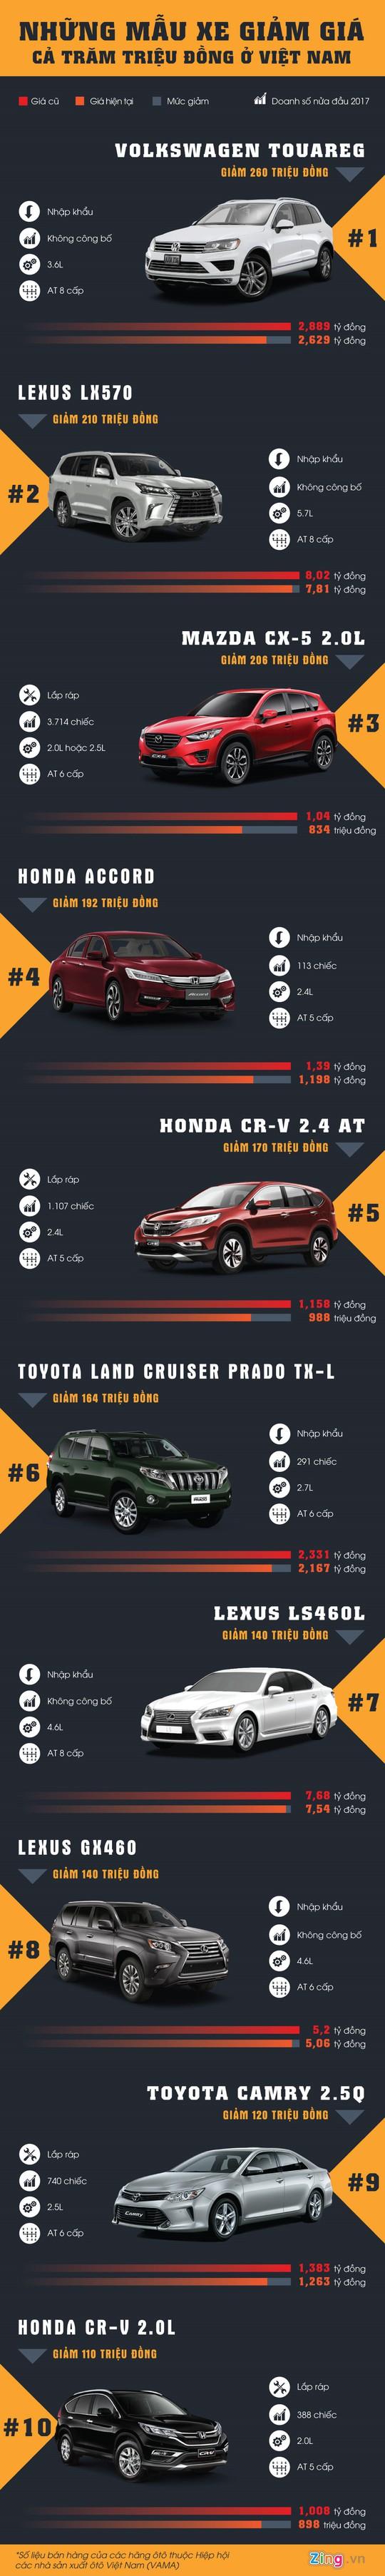 10 ô tô giảm giá mạnh nhất ở Việt Nam từ đầu 2017 - Ảnh 1.